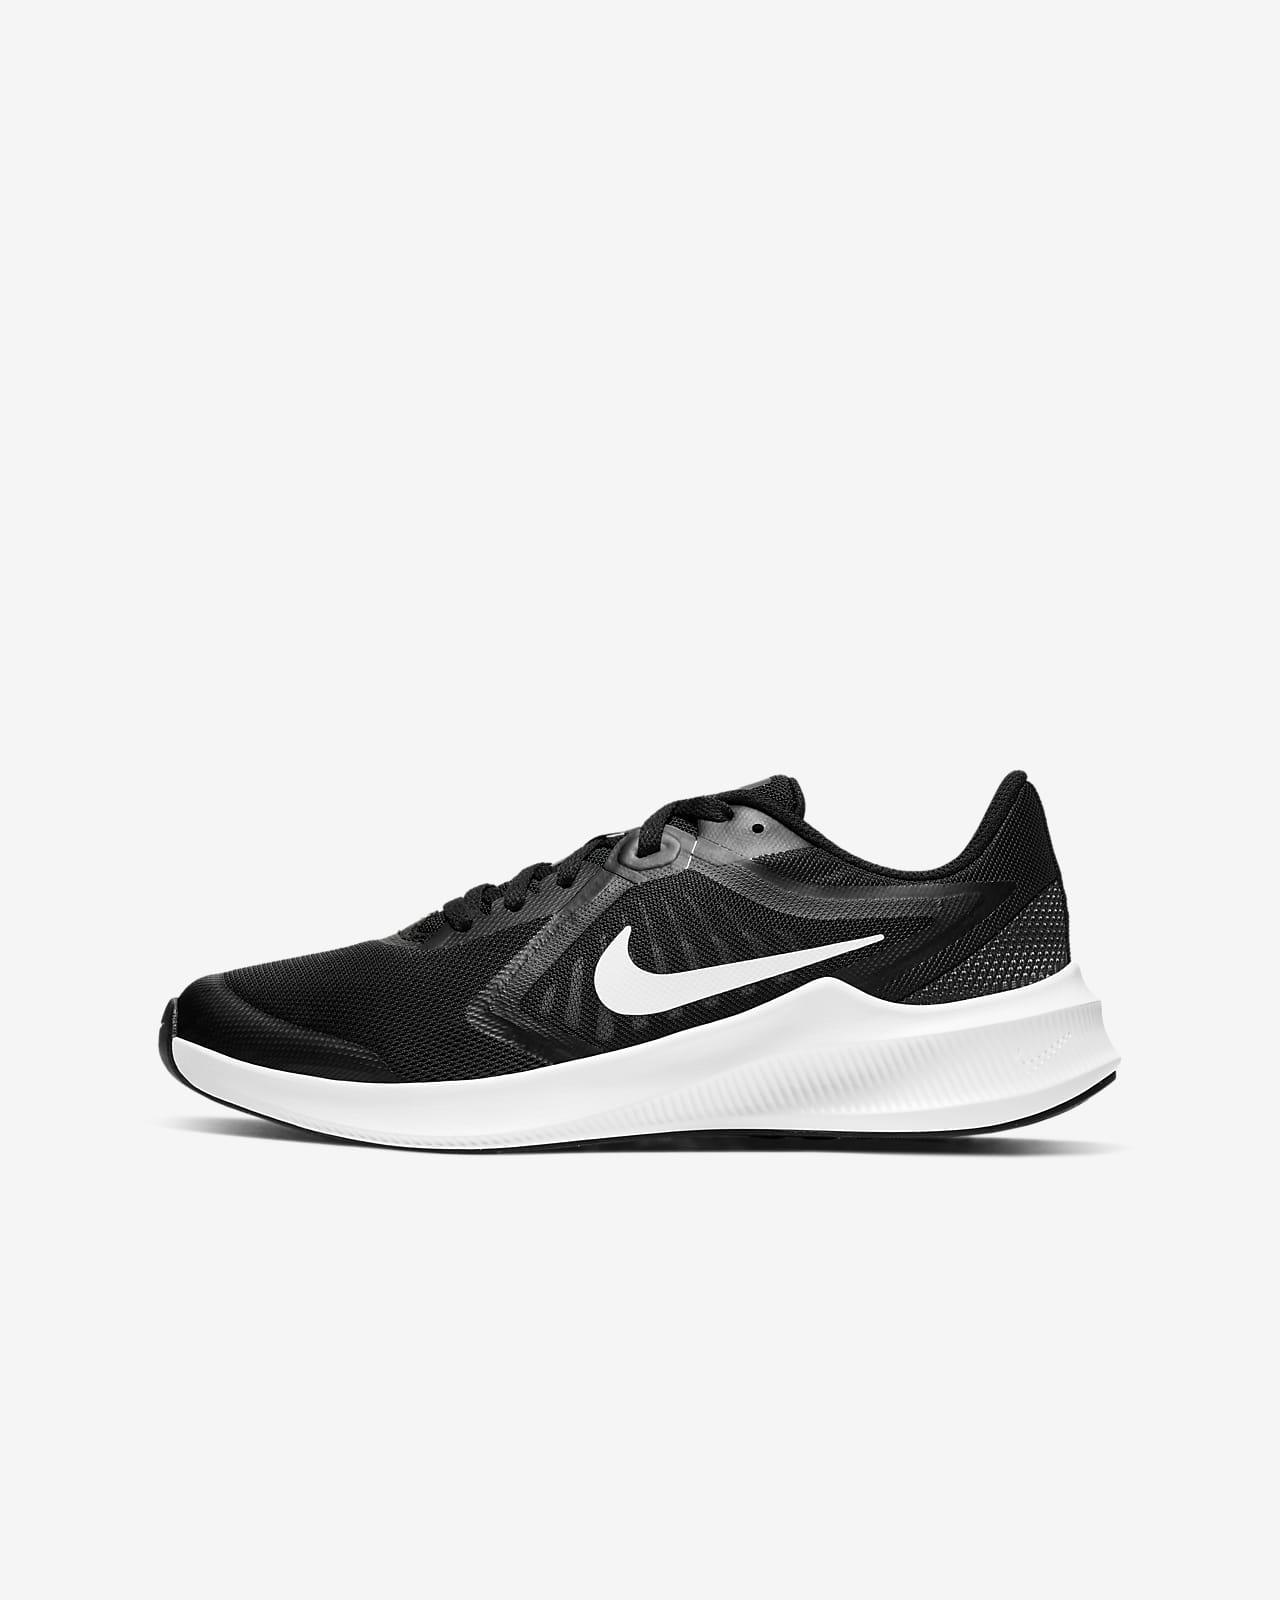 Nike Downshifter 10 Genç Çocuk Koşu Ayakkabısı